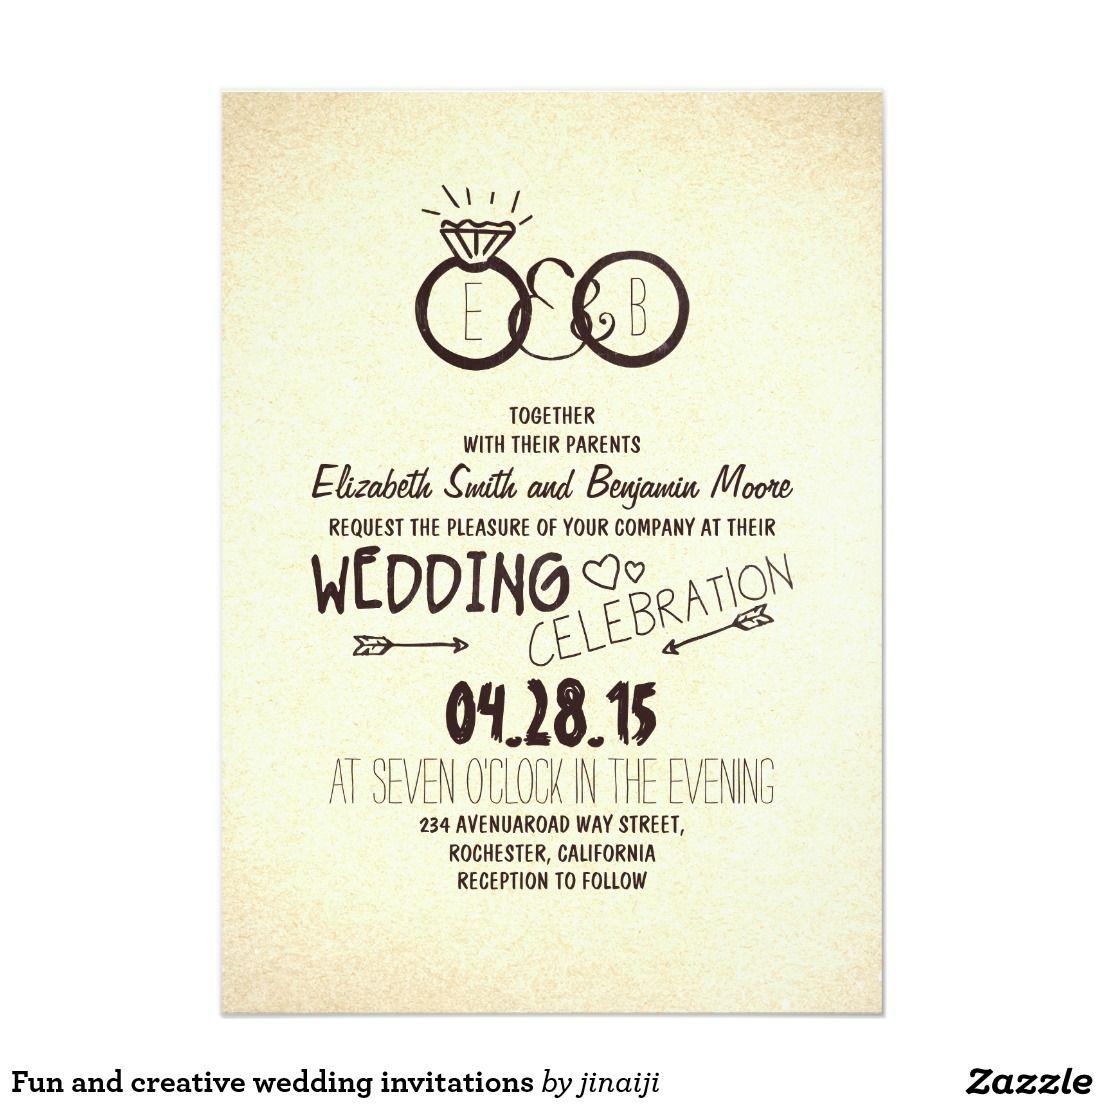 Fun And Creative Wedding Invitations Zazzle Com Creative Wedding Invitations Fun Wedding Invitations Unique Wedding Invitations